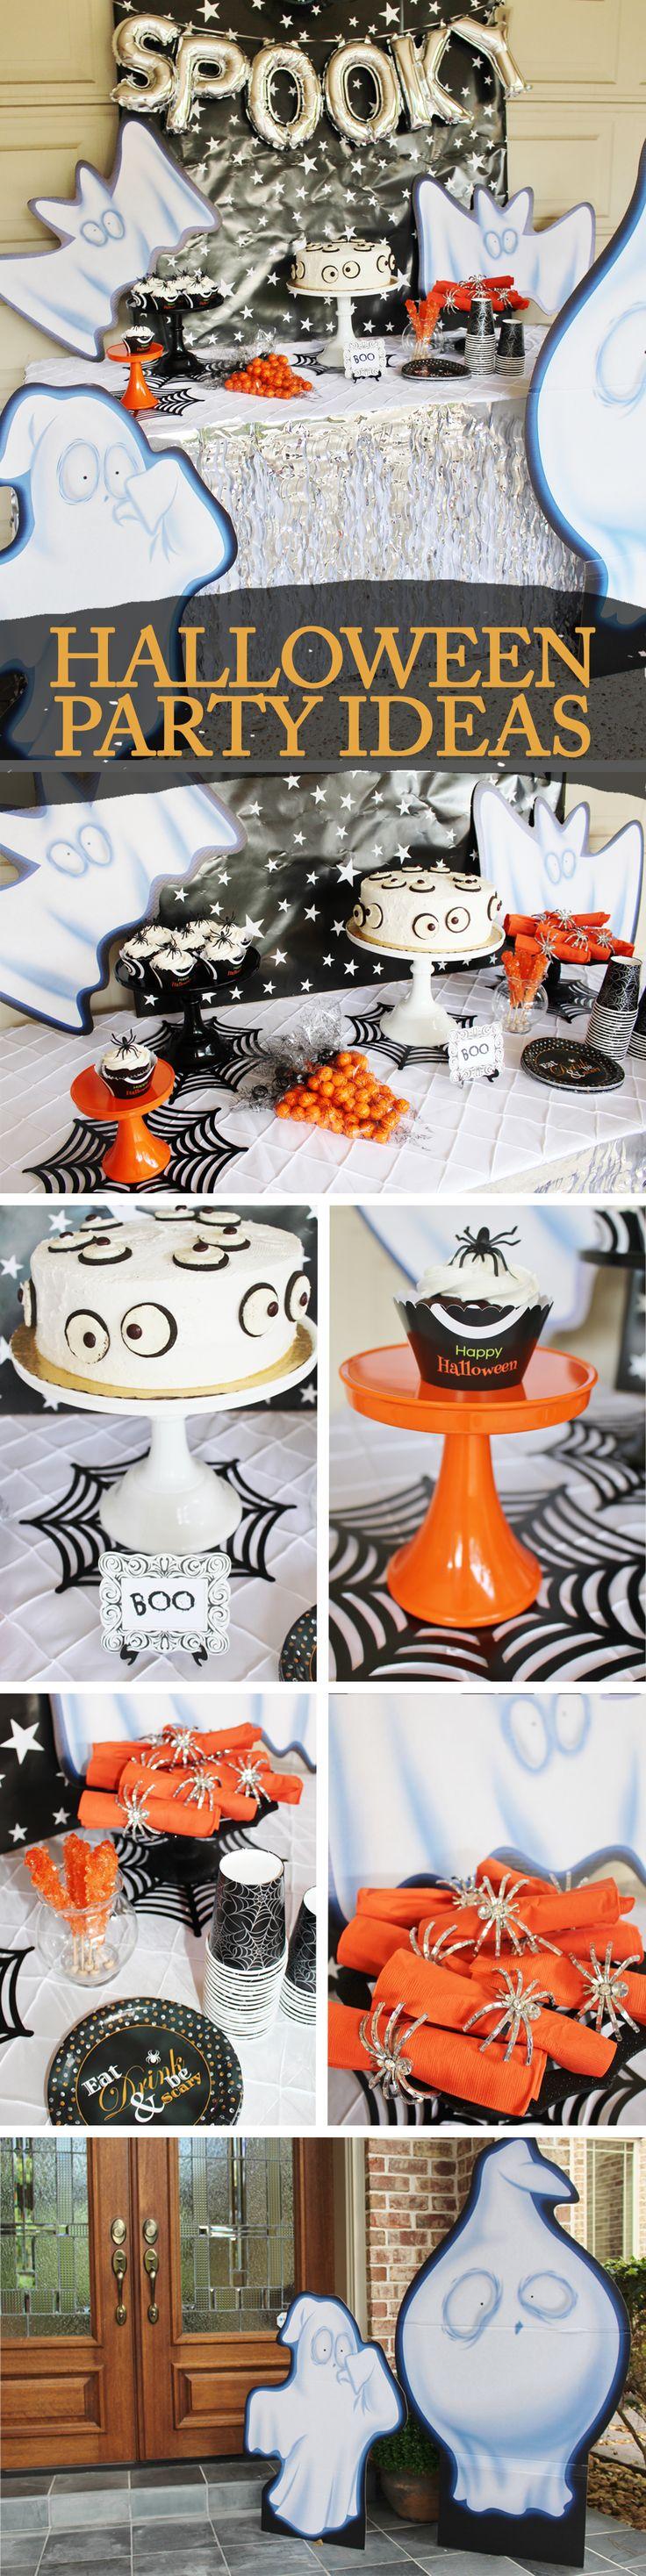 Best 25+ Scary halloween cakes ideas on Pinterest | Halloween ...